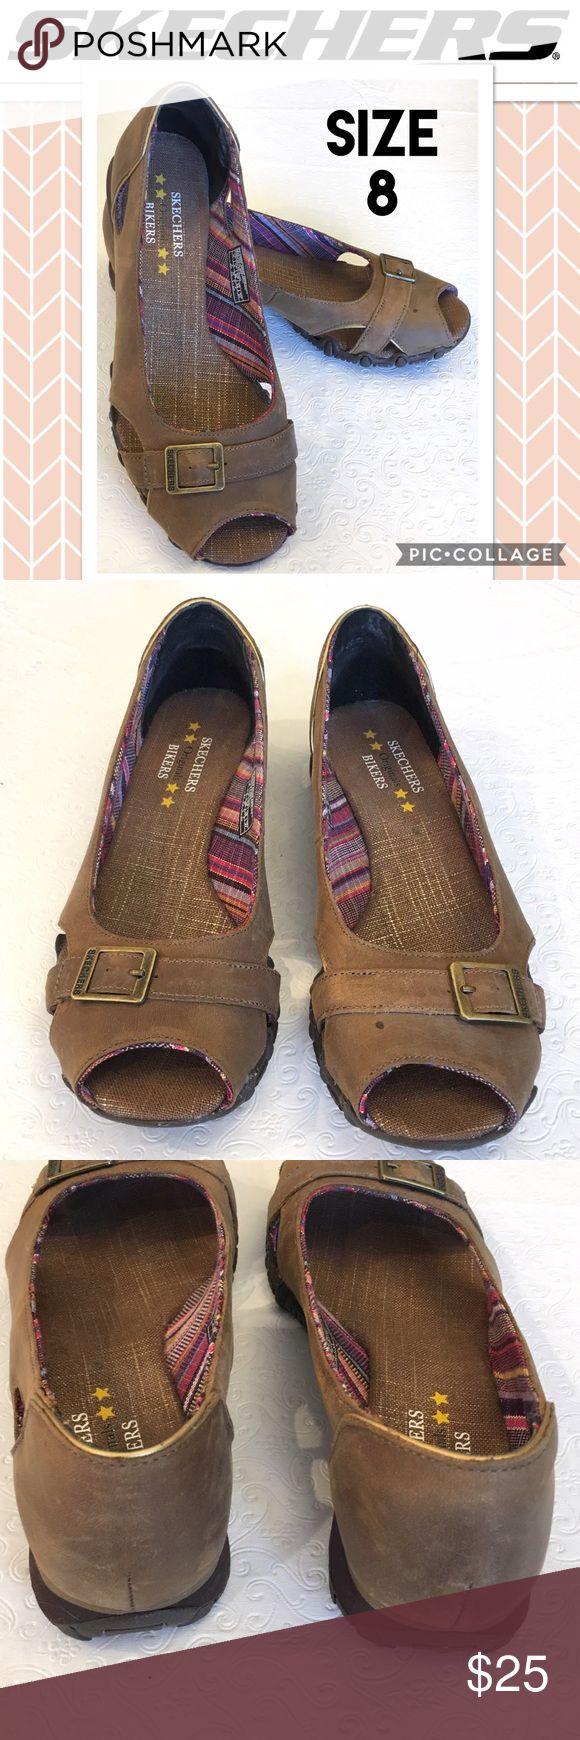 Skechers Bikers Brown Leather Peeptoe Sandals Sz 8 Good Condition. Skechers Shoes Sandals